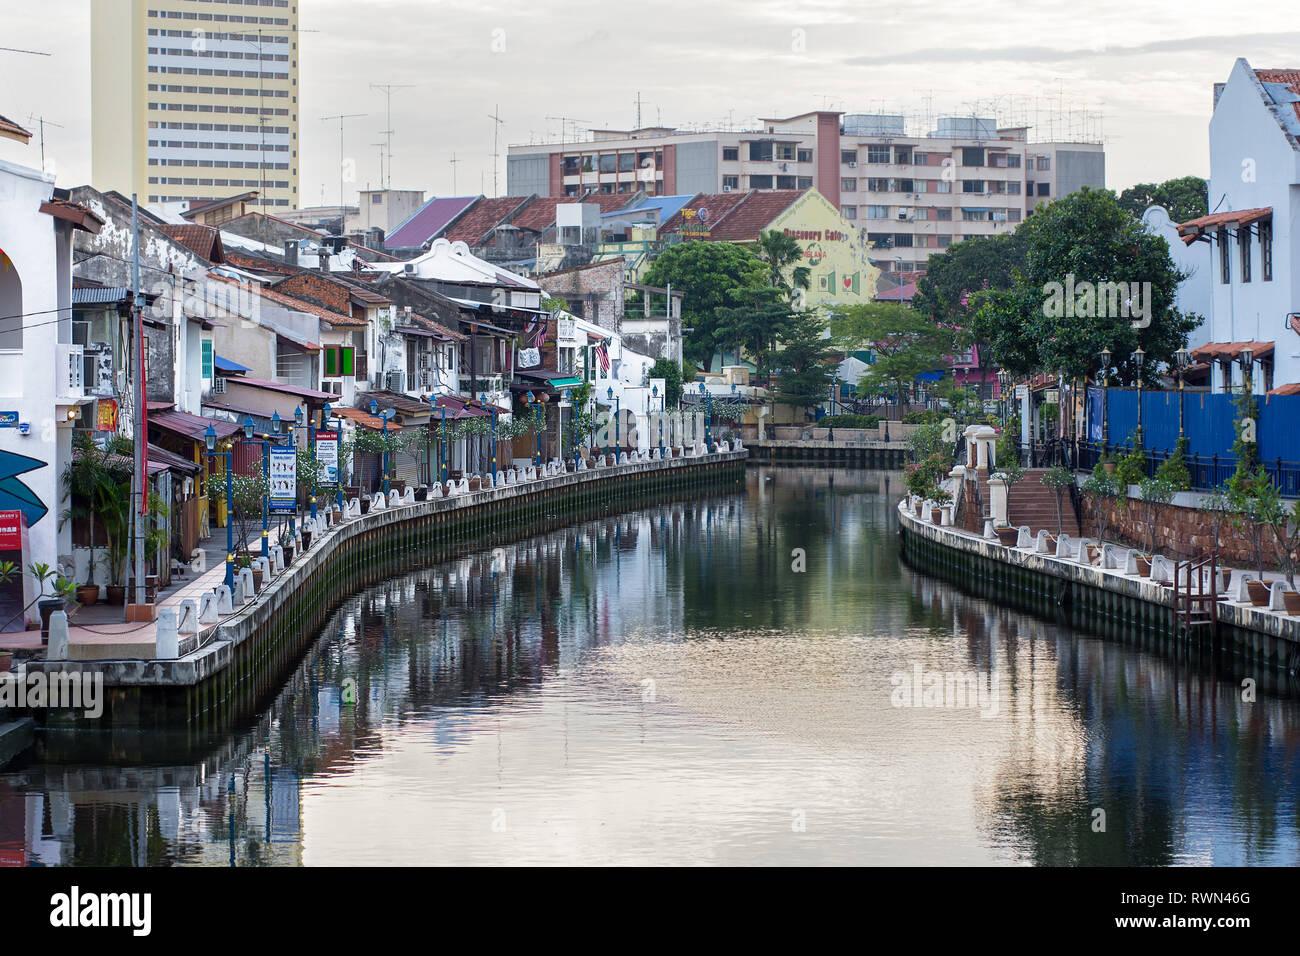 Tourist popular shop fronts and cafes along the Melaka canal, Melaka, Malaysia. - Stock Image